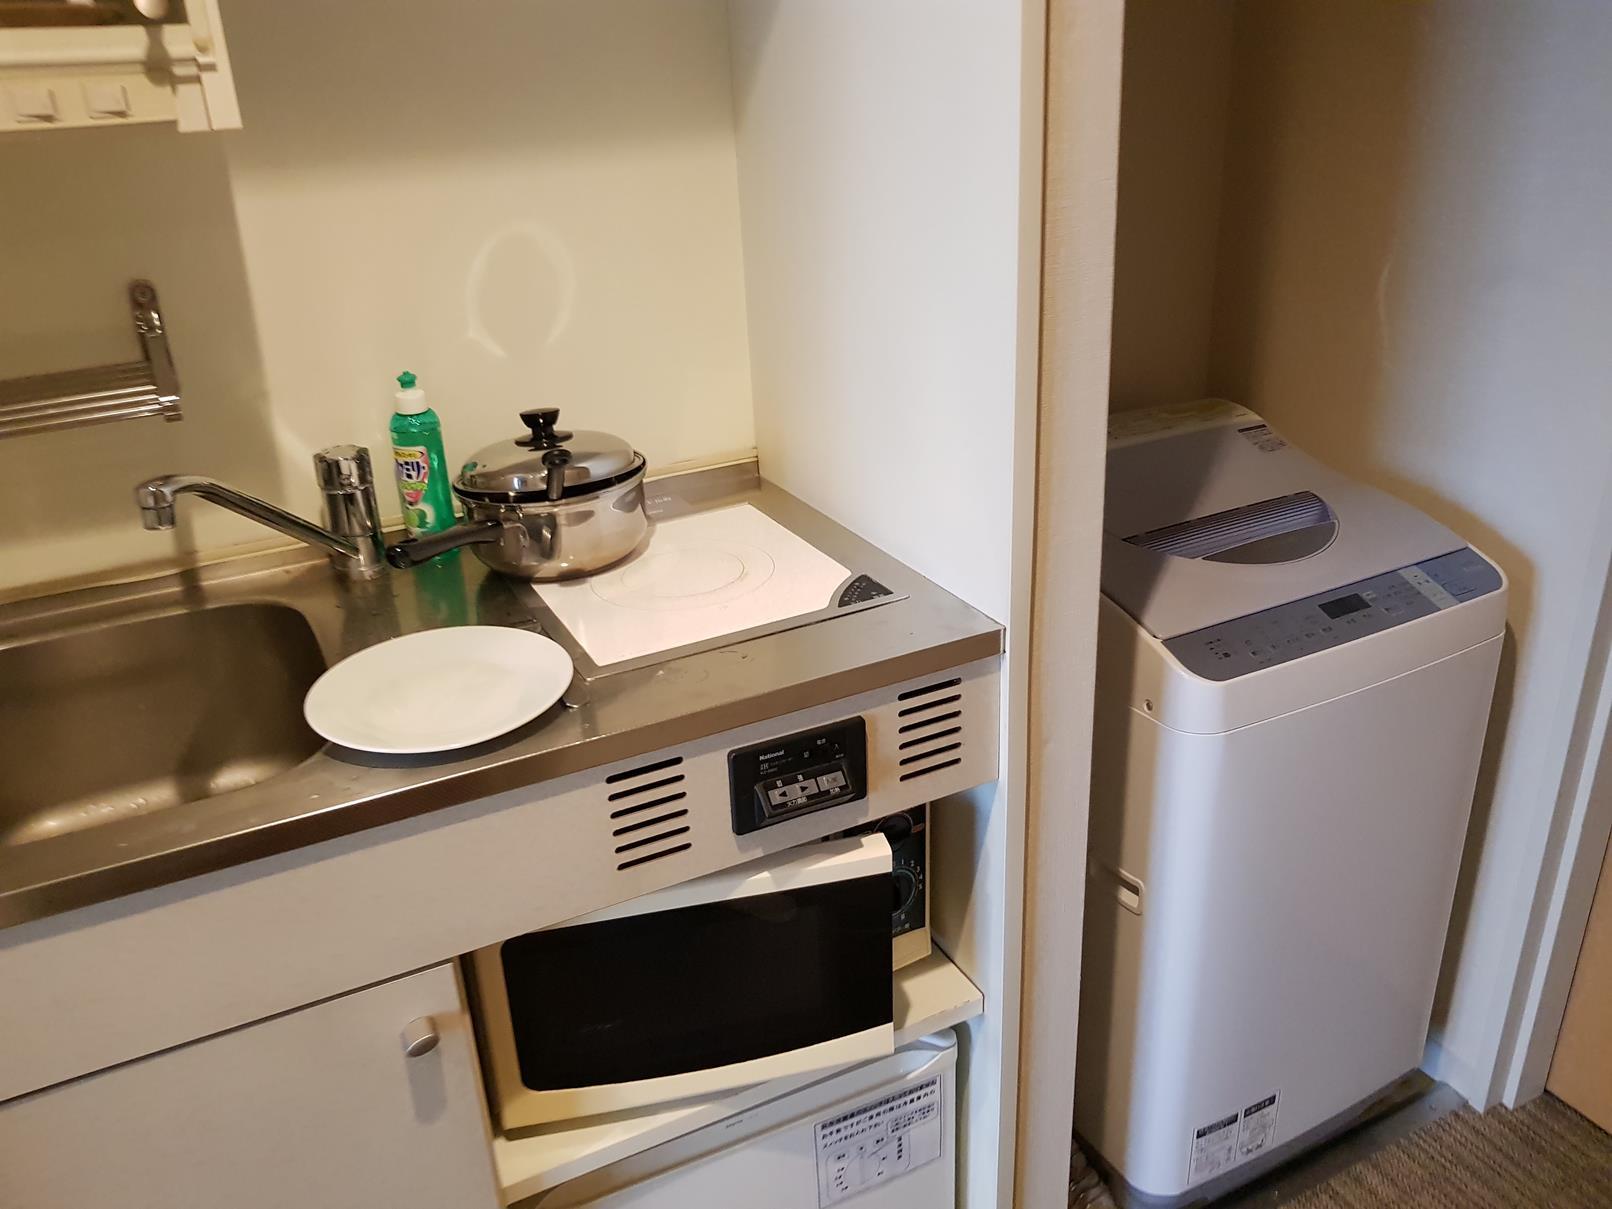 Washing Machine in HotelRoom